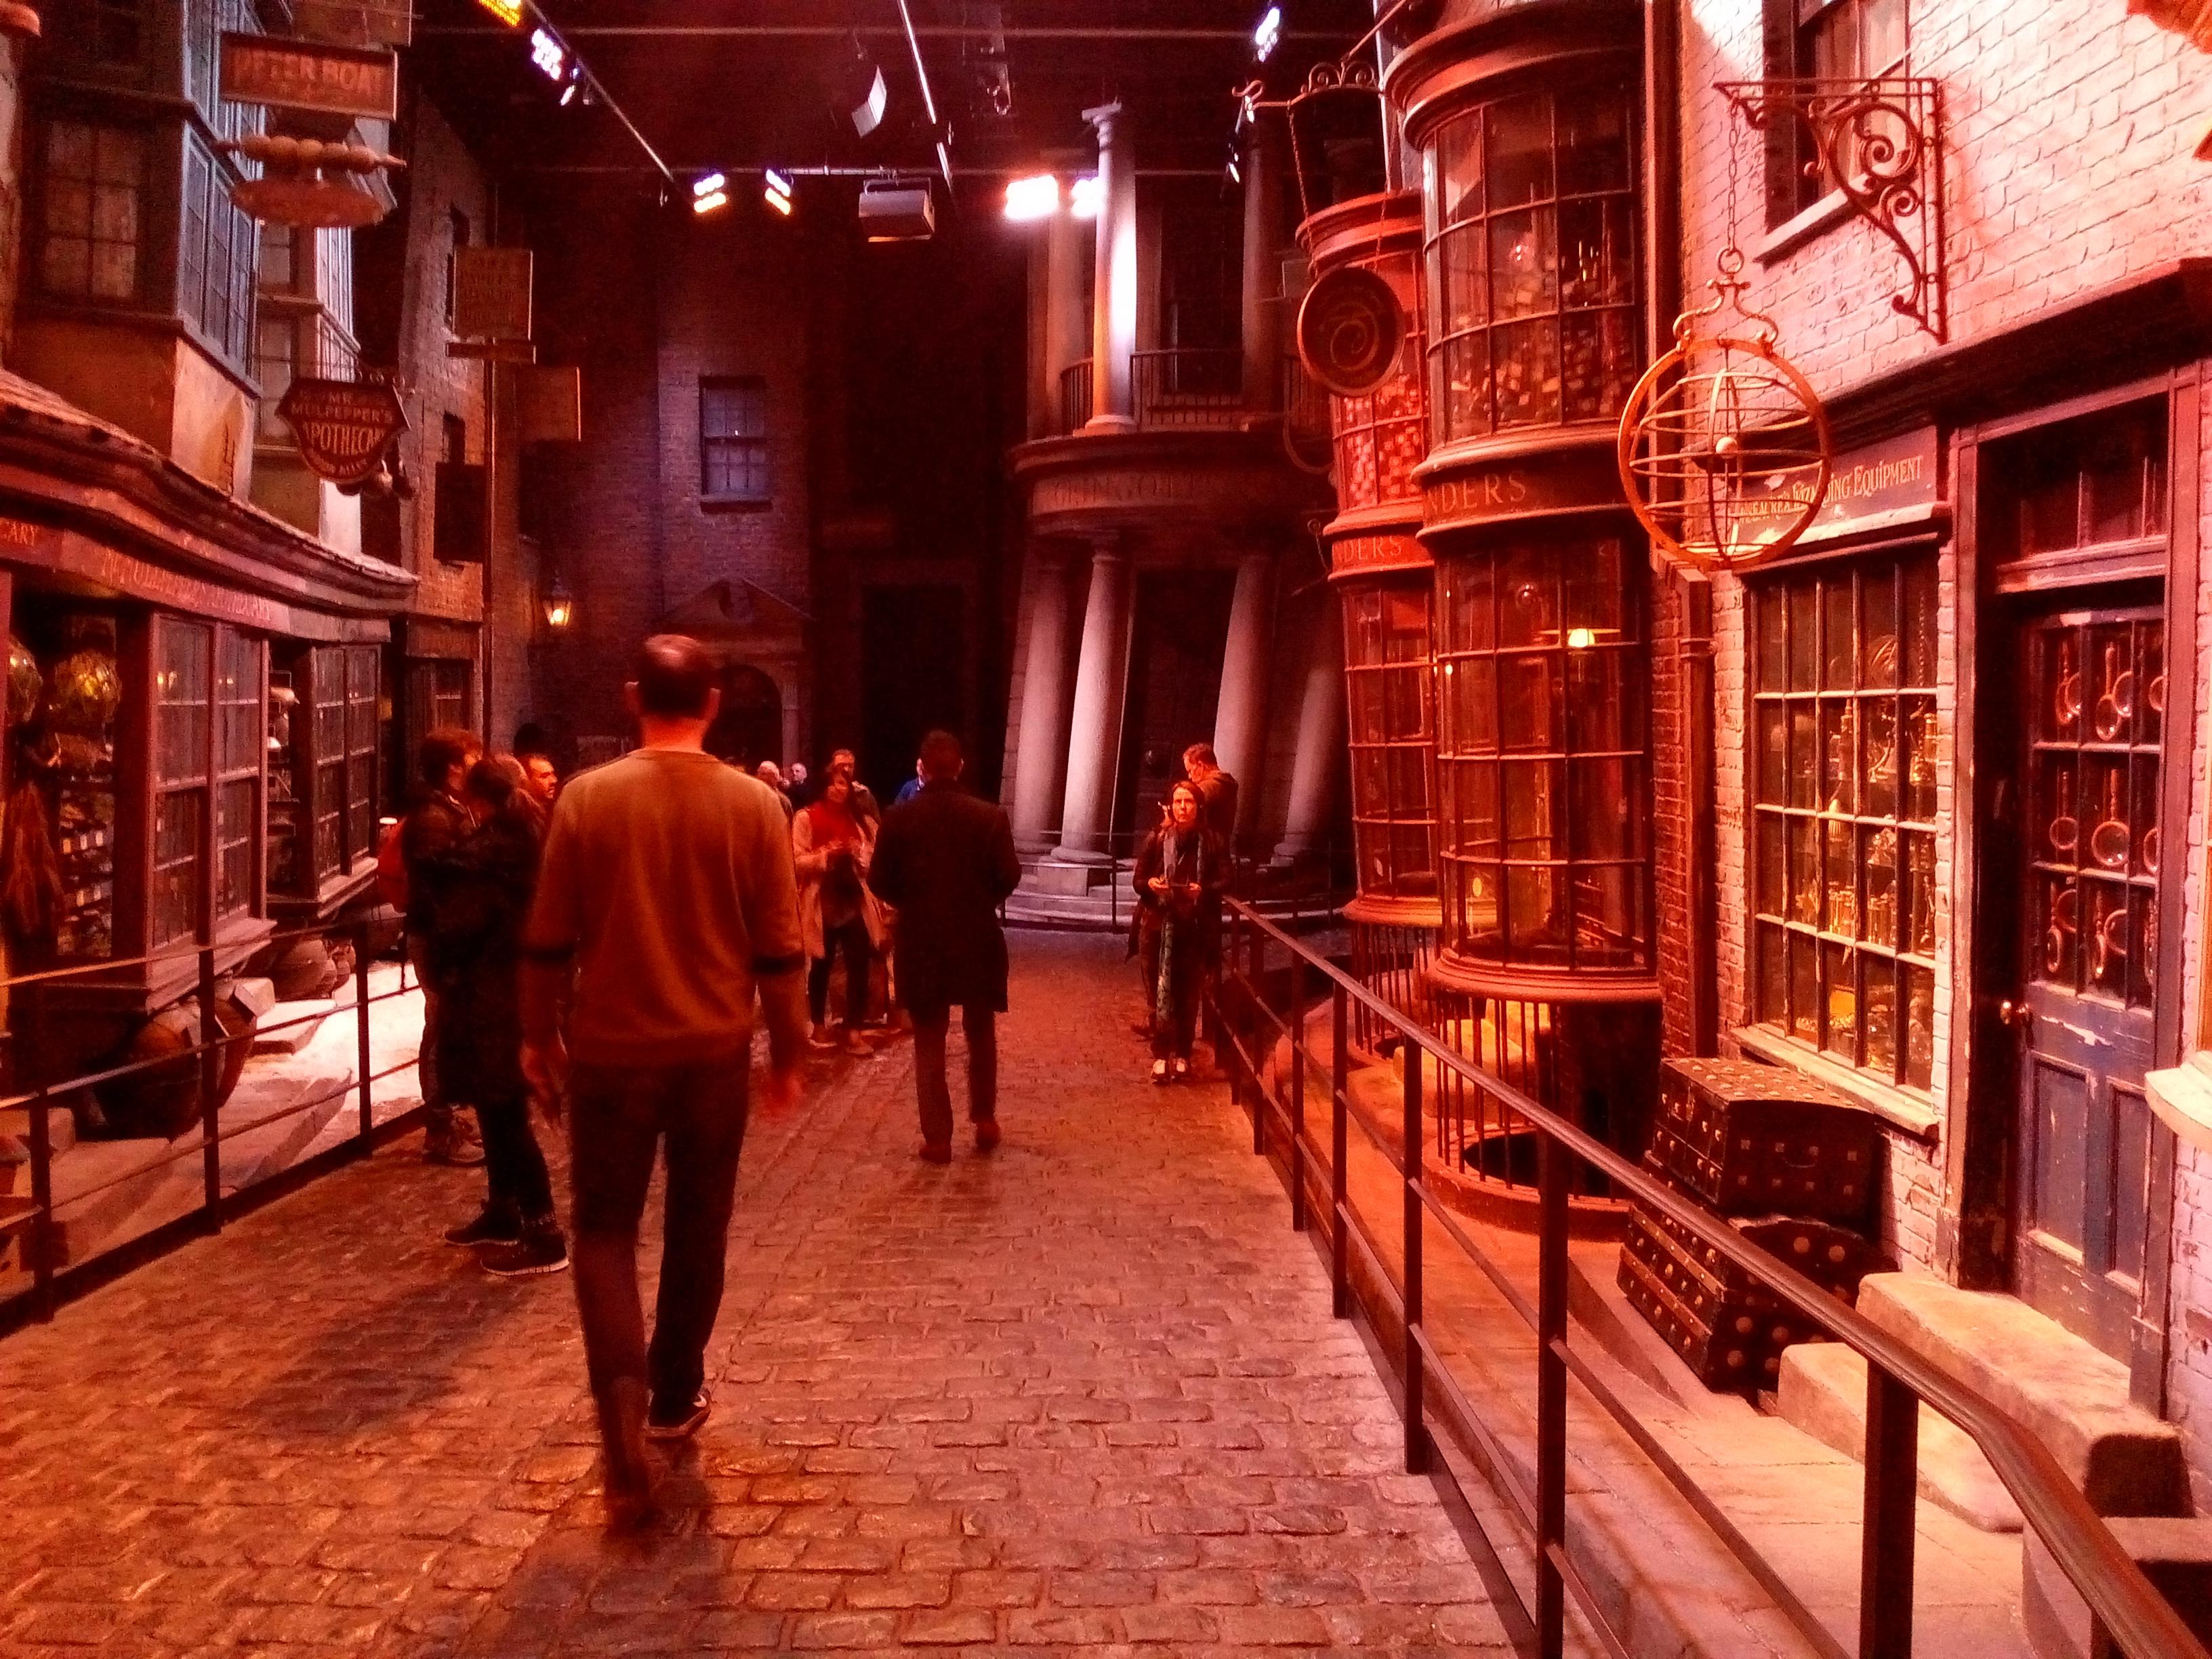 Entrée de Gringotts - The Making of Harry Potter - Studio Tour London